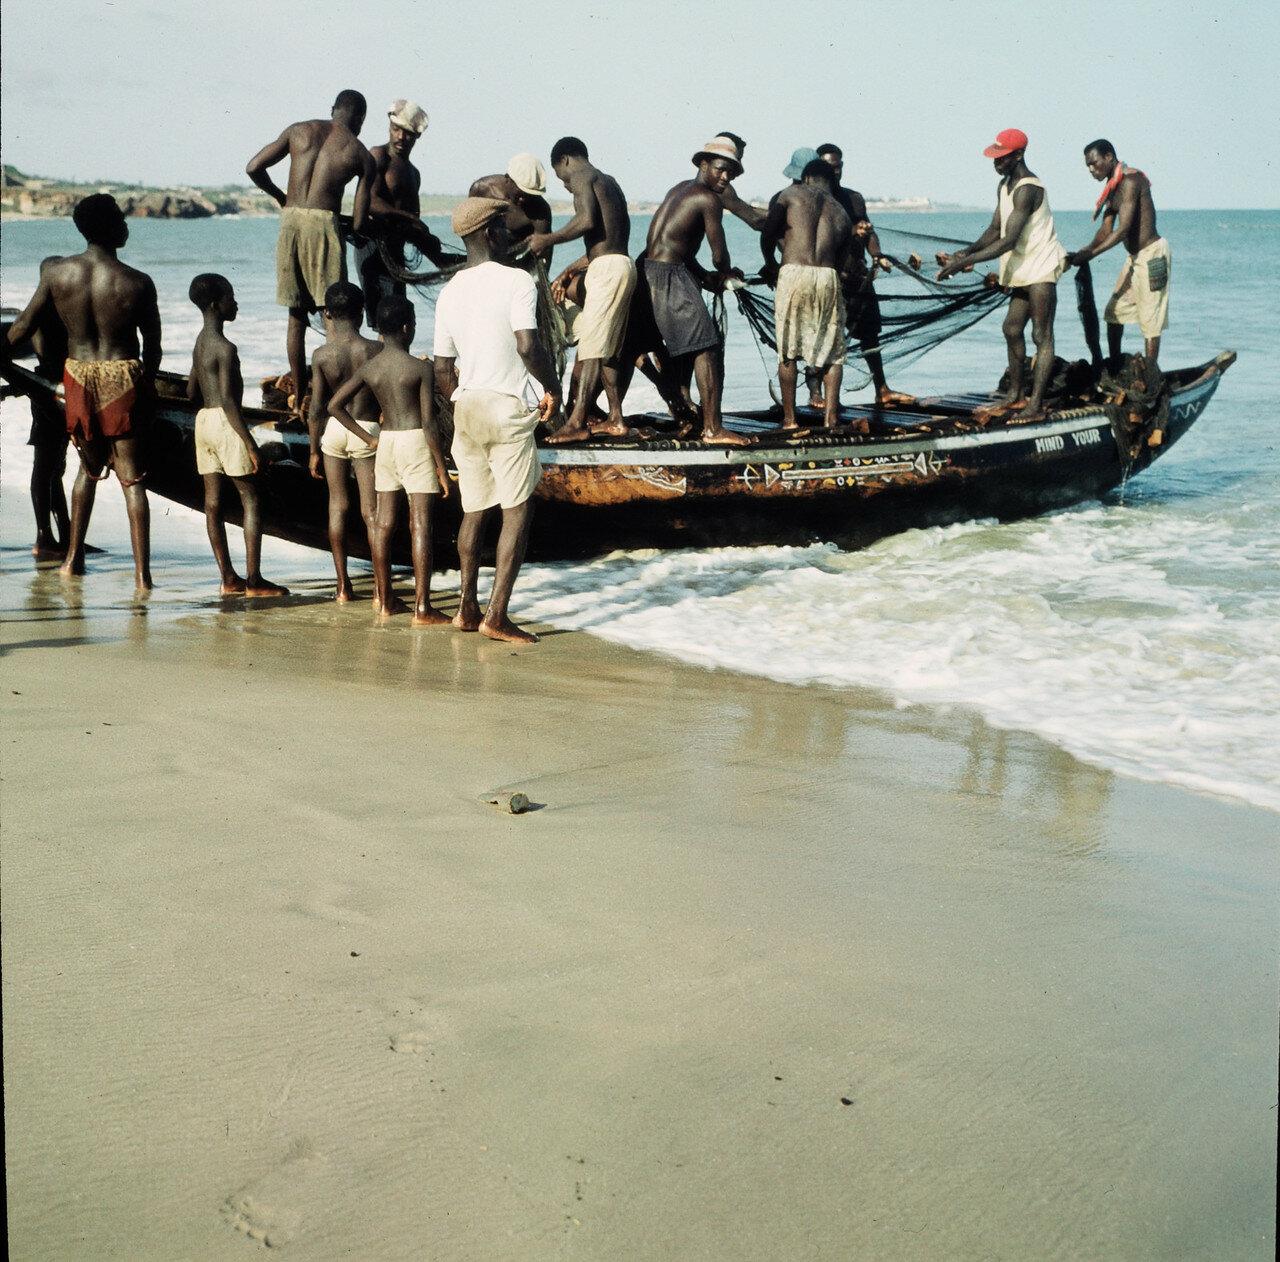 Прибойная шлюпка и рыбаки на берегу в Форт-Ашере, 2 апреля